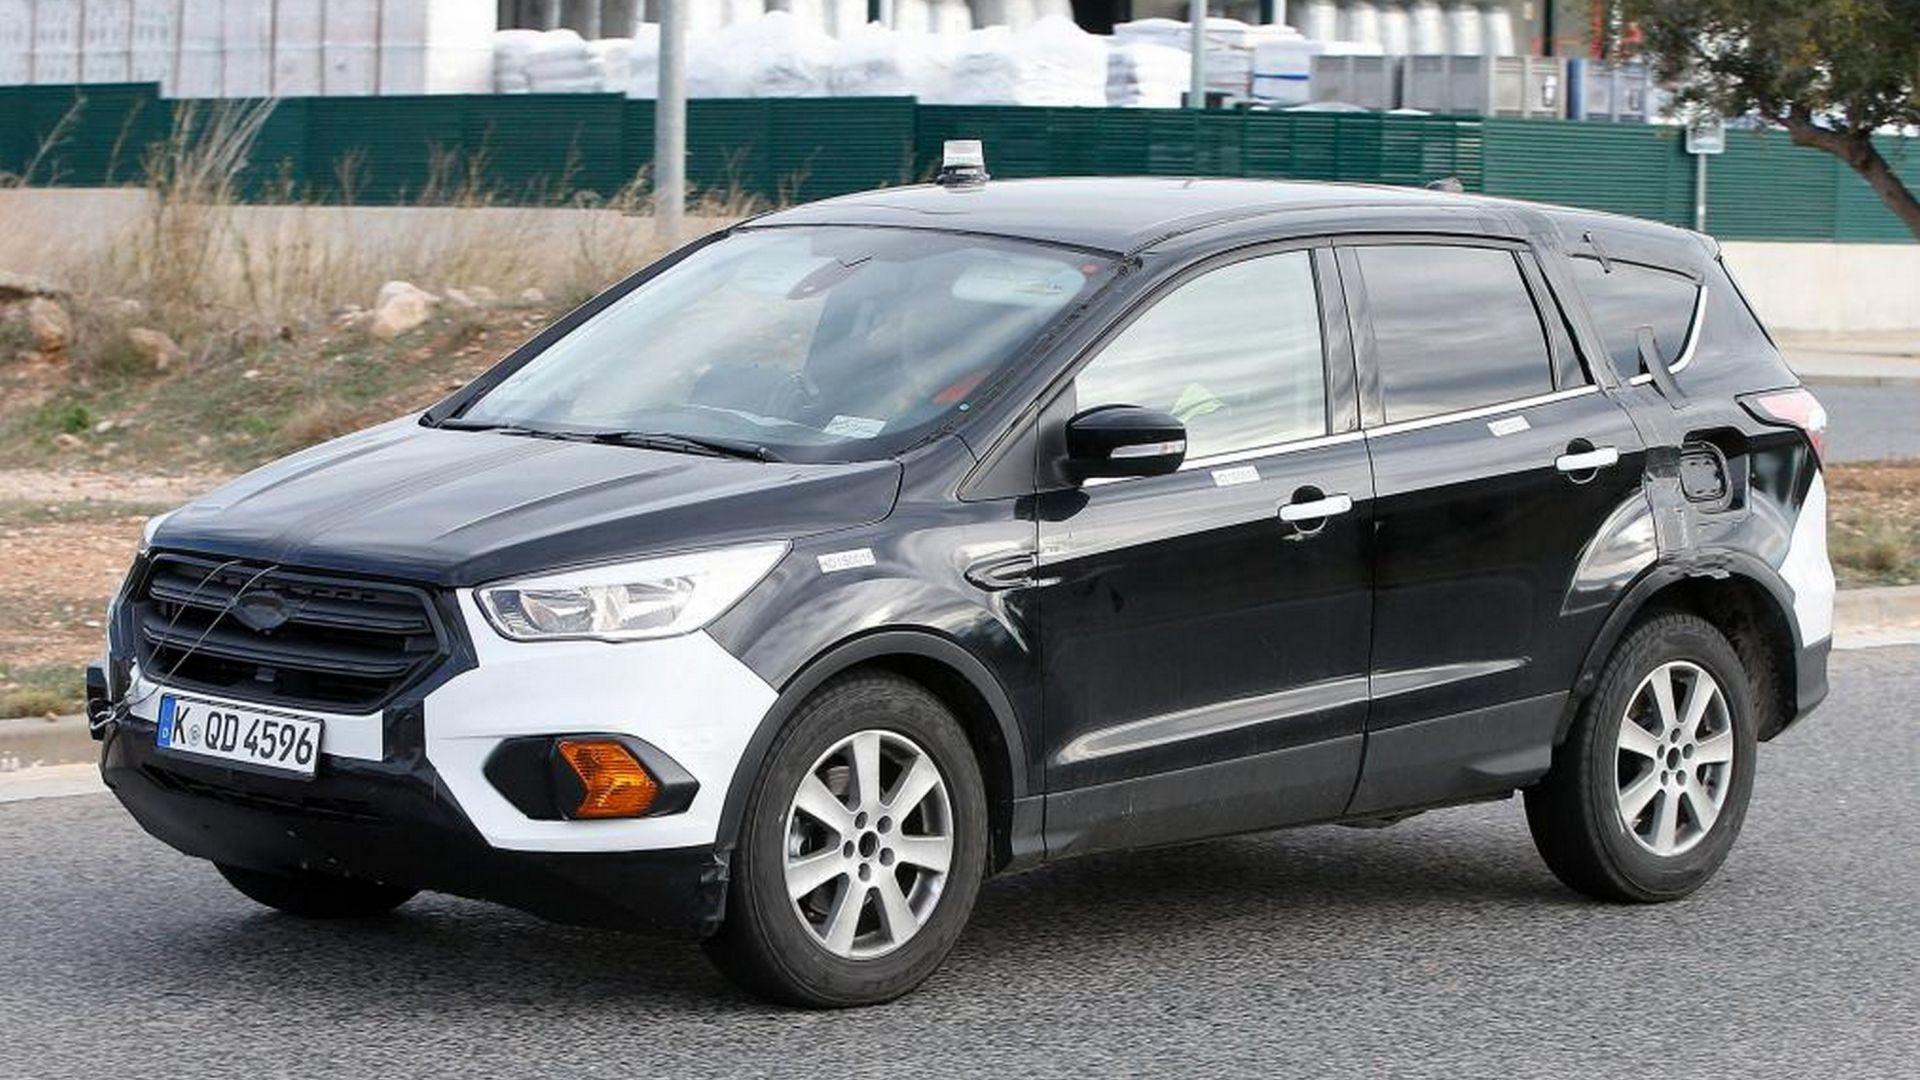 Nuova Ford Kuga 2020: le novità della terza serie - MotorBox